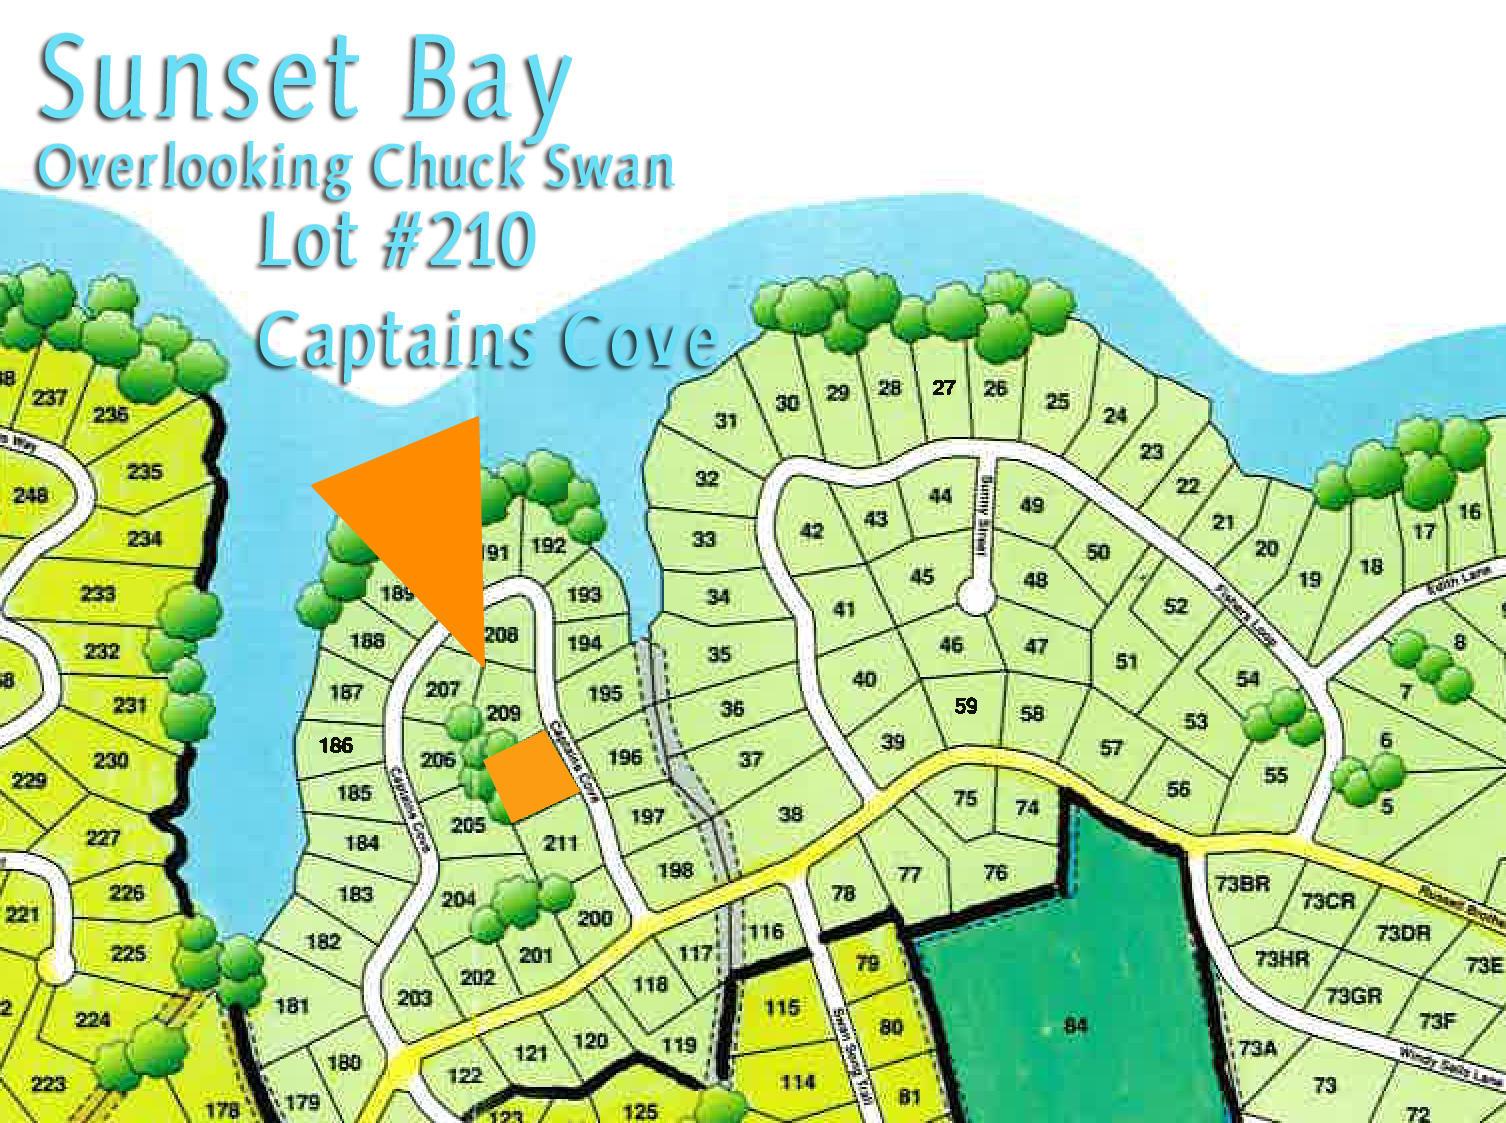 Lot 210 Captains Cove: